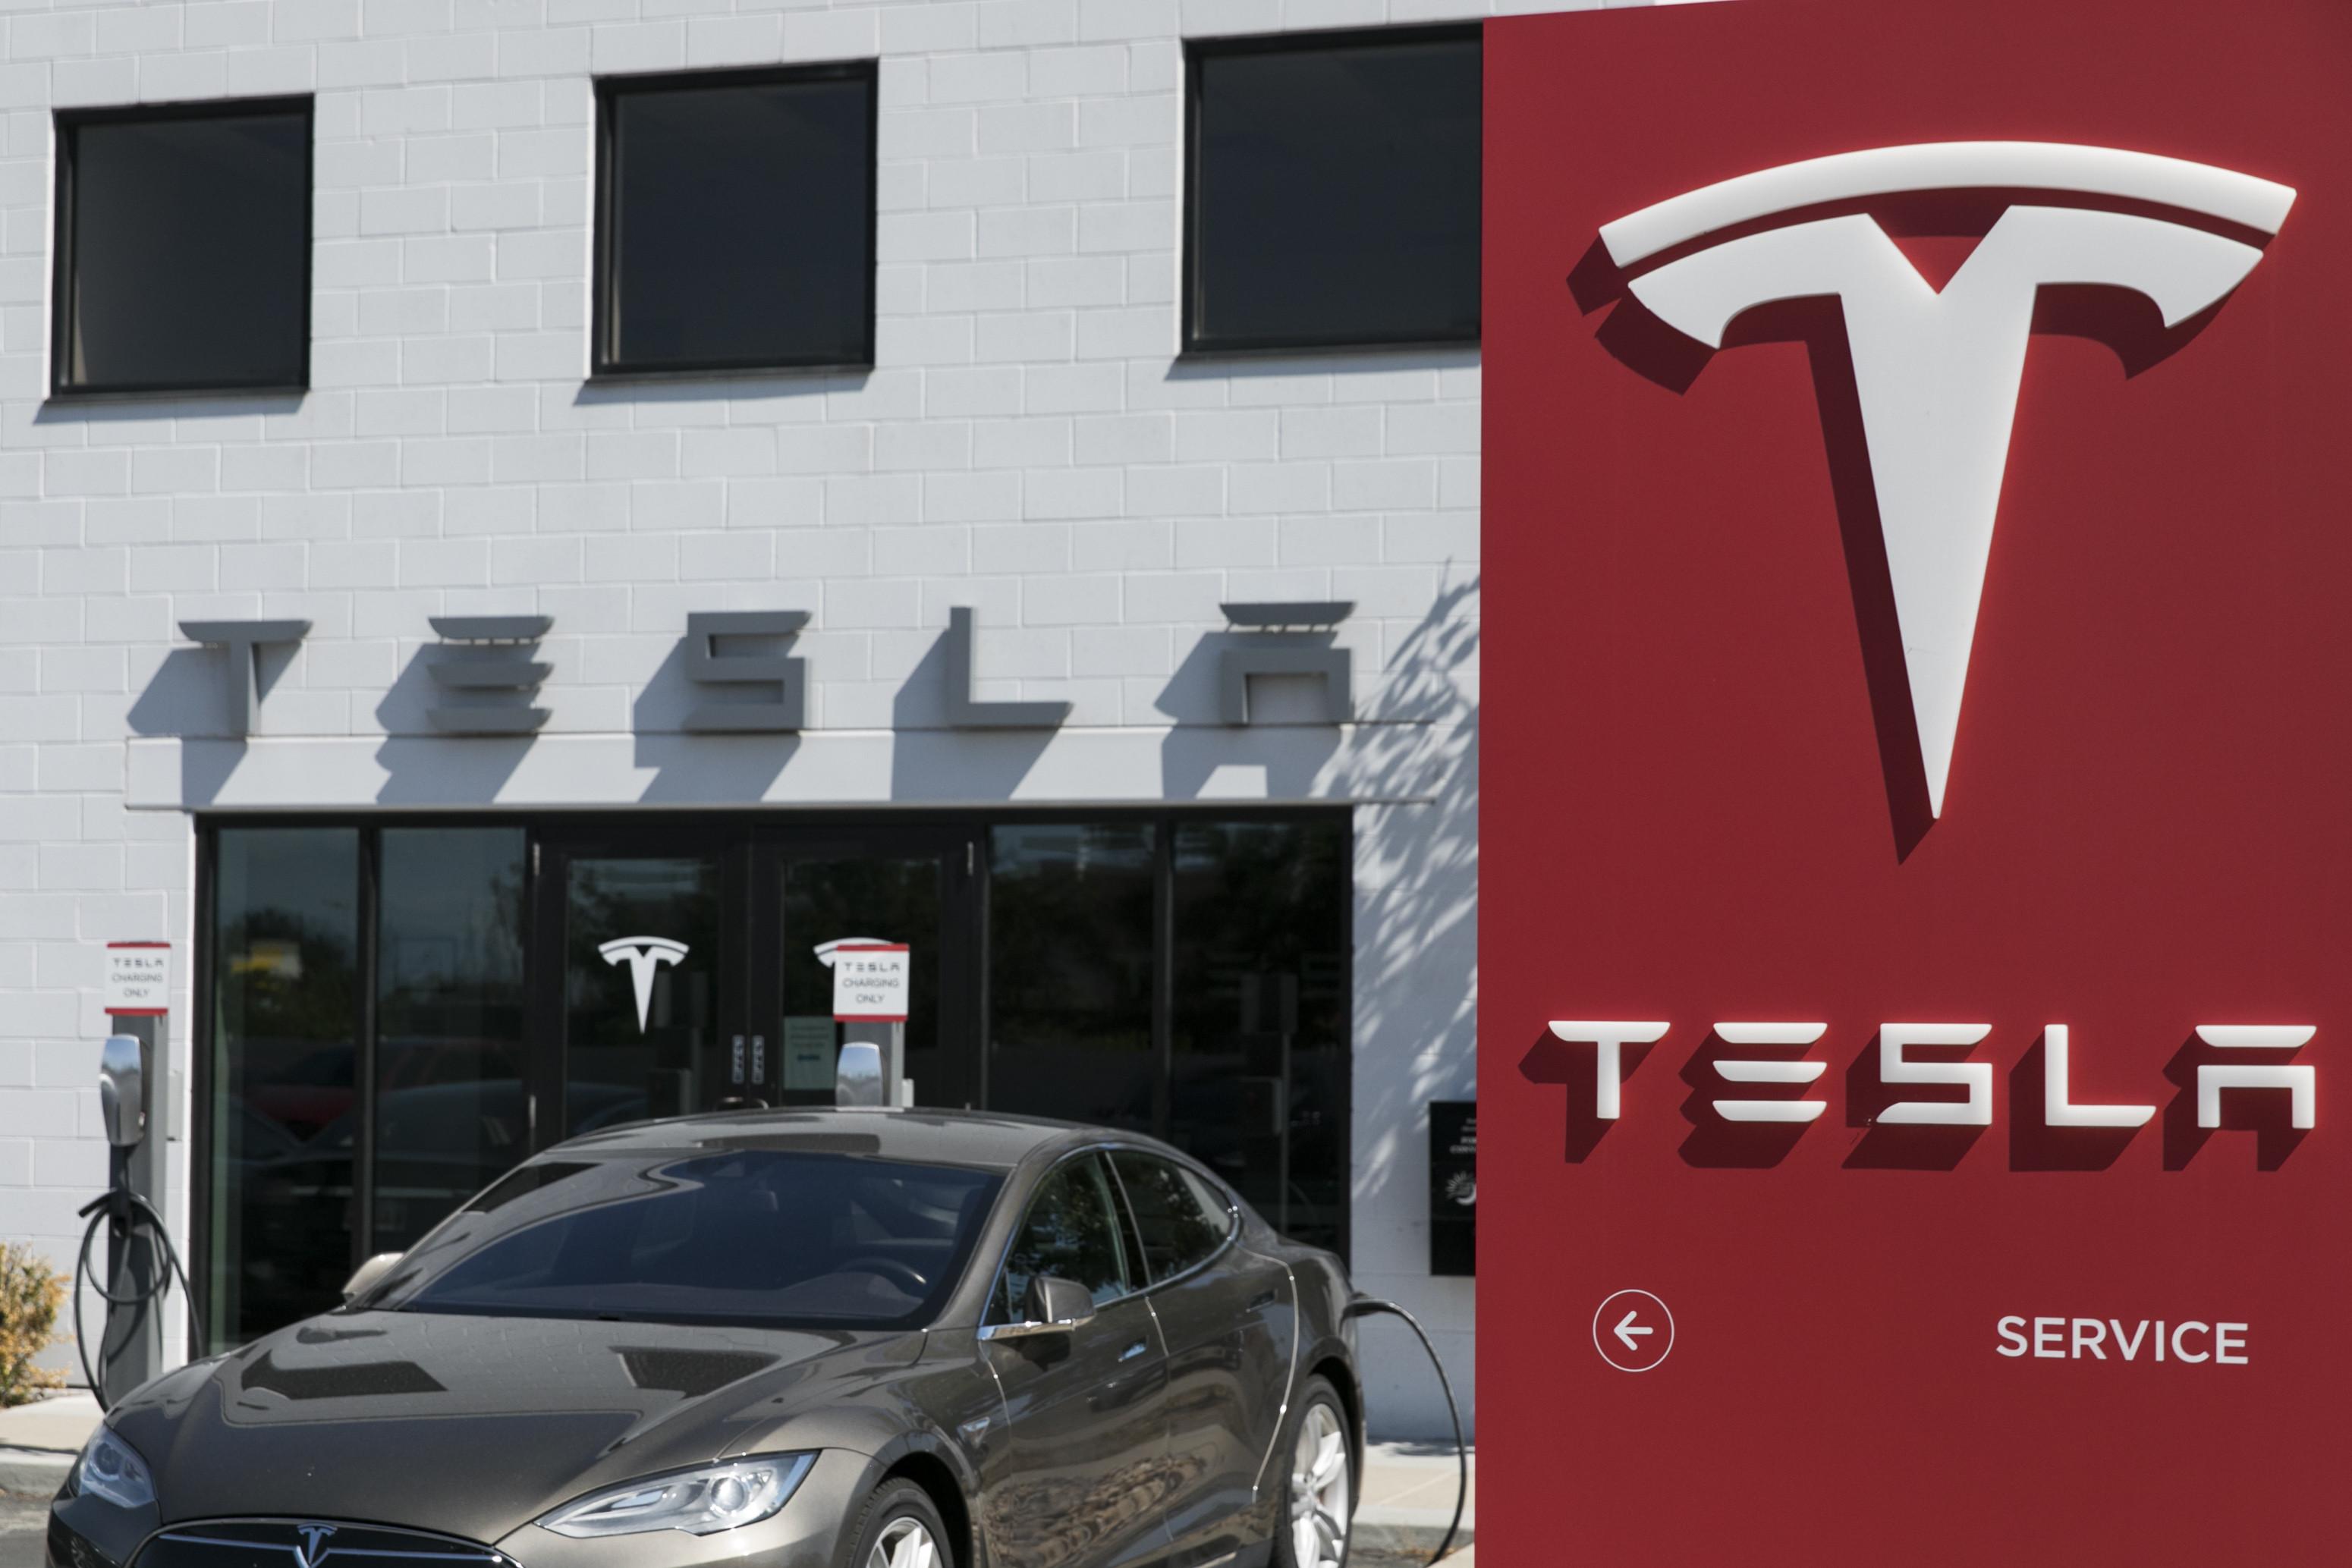 特斯拉列入工信部新增车辆生产企业名单